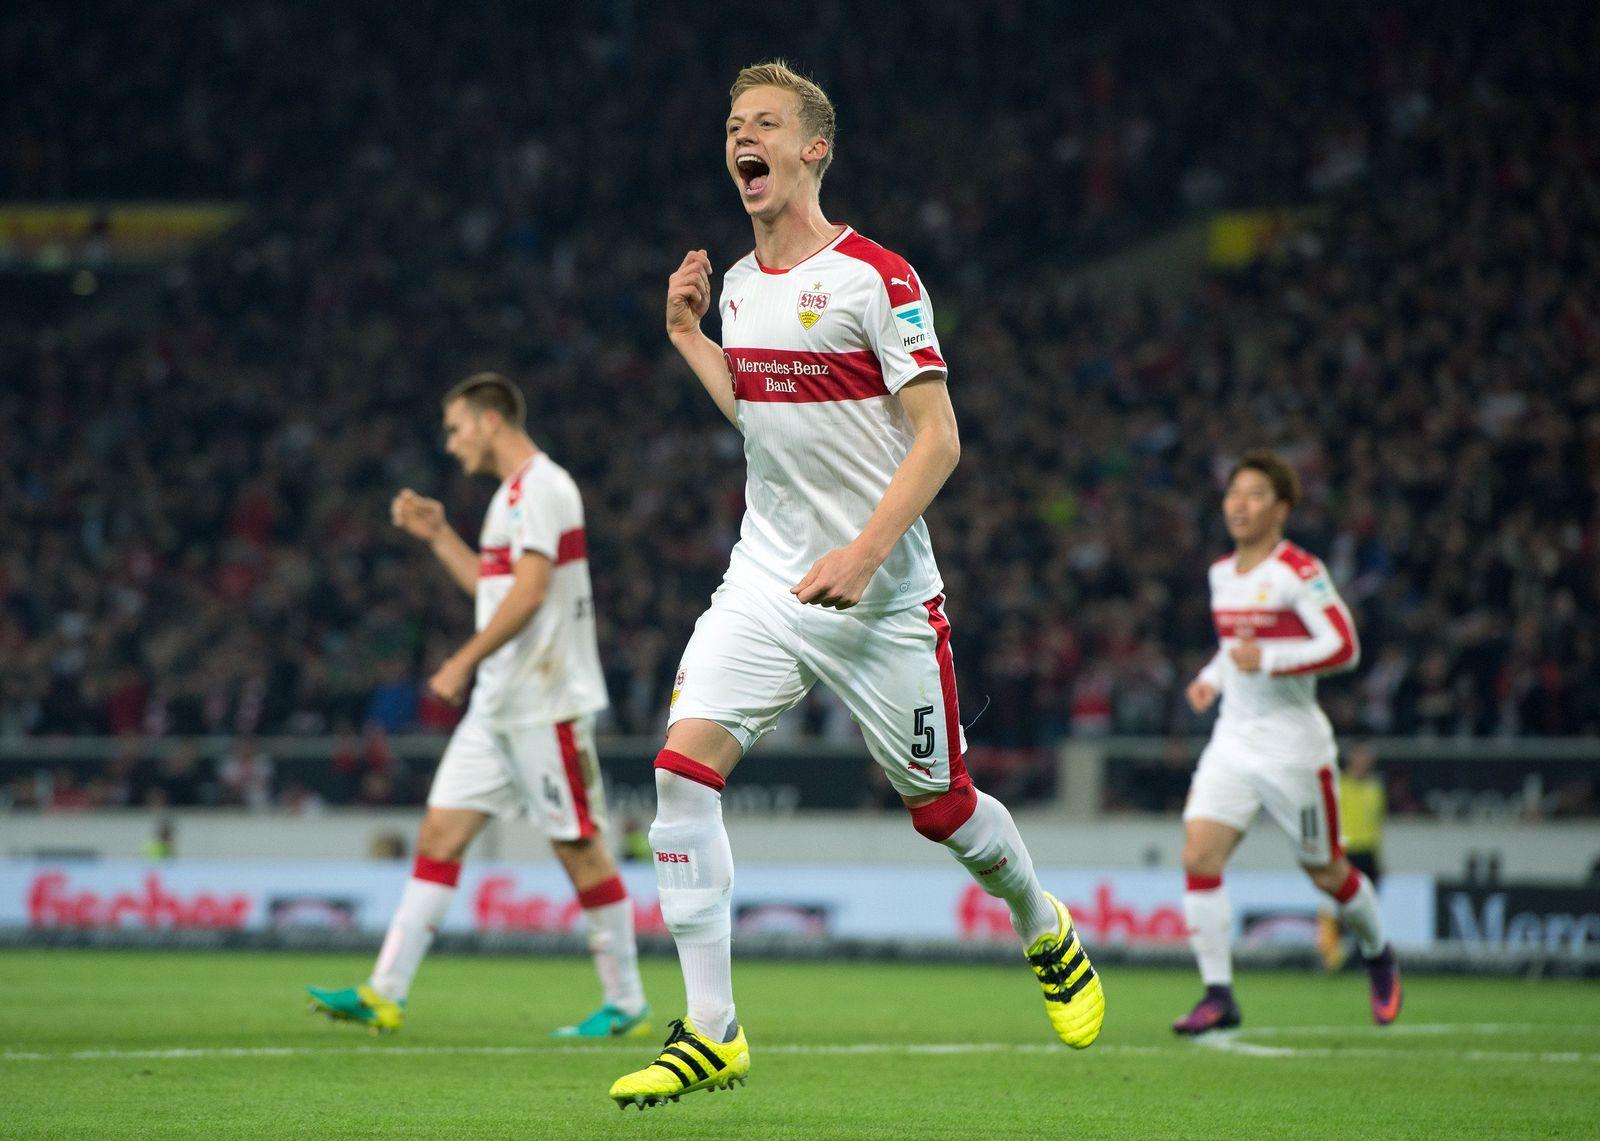 VfB Stuttgart - TSV 1860 München Timo Baumgartl